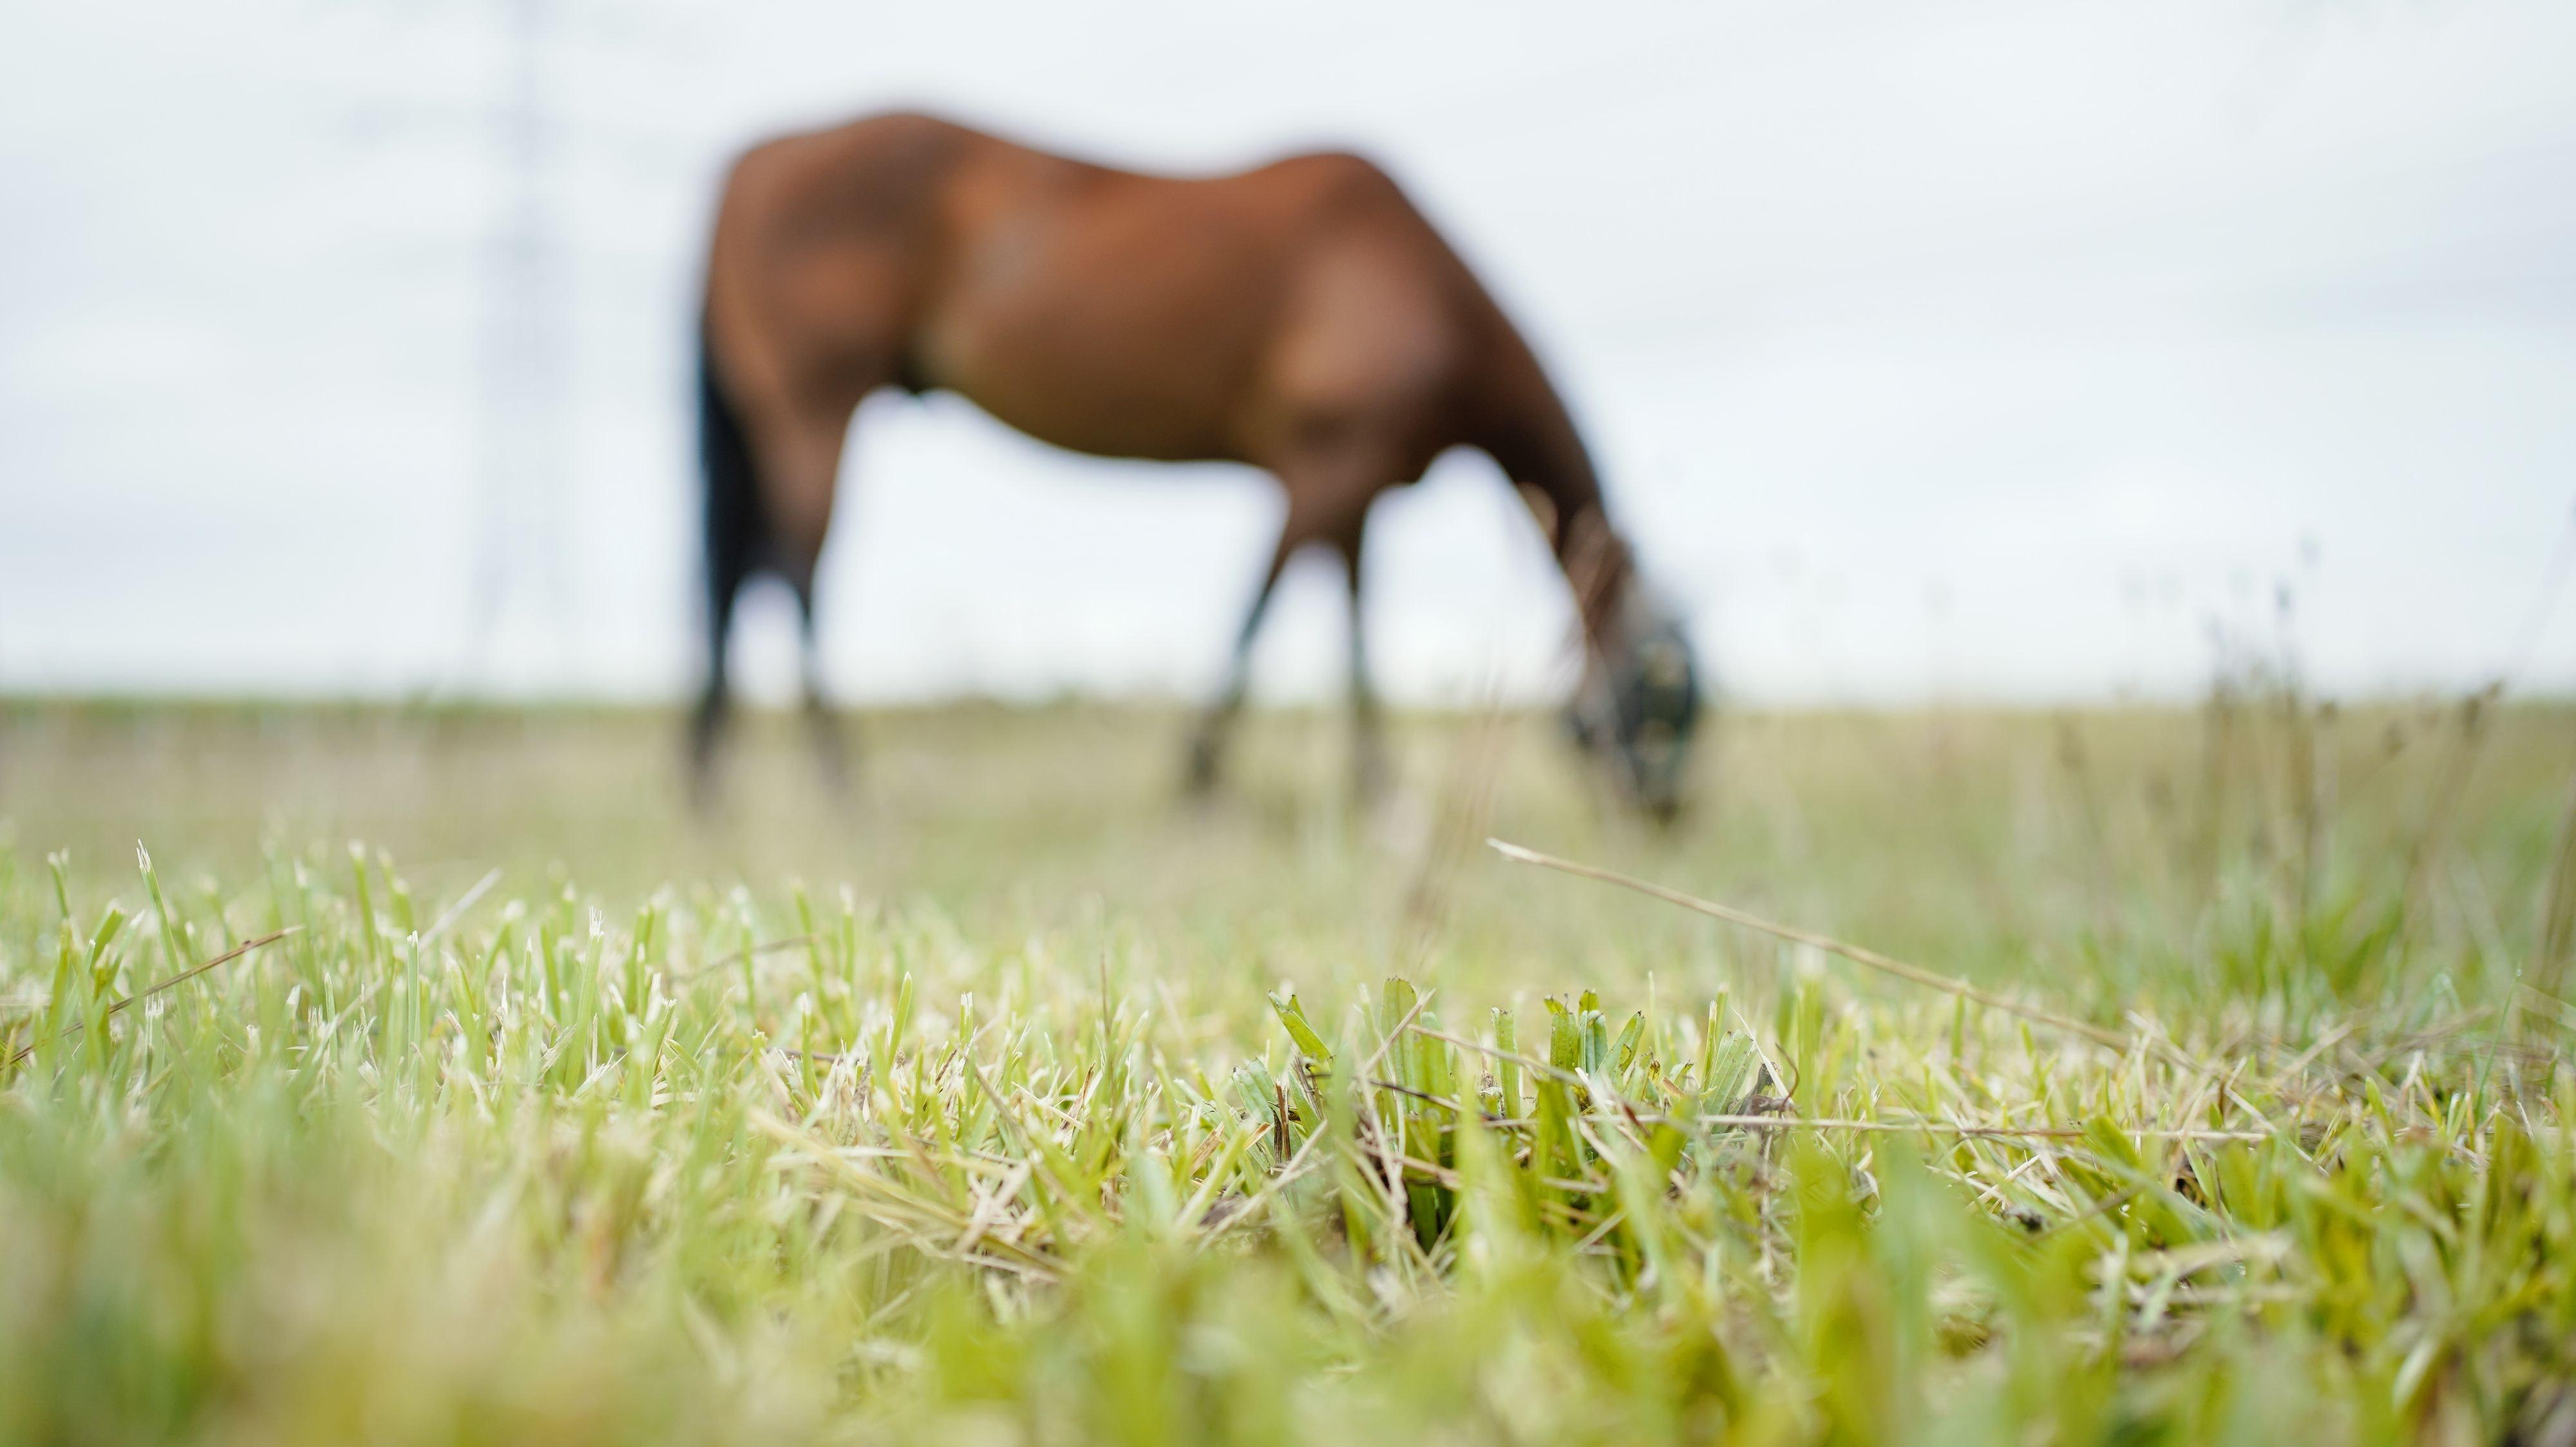 Mehr als 100 Pferde, die ihrem Halter aus Tierschutzgründen weggenommen wurden, werden nun versteigert. Foto: dpa/Anspach